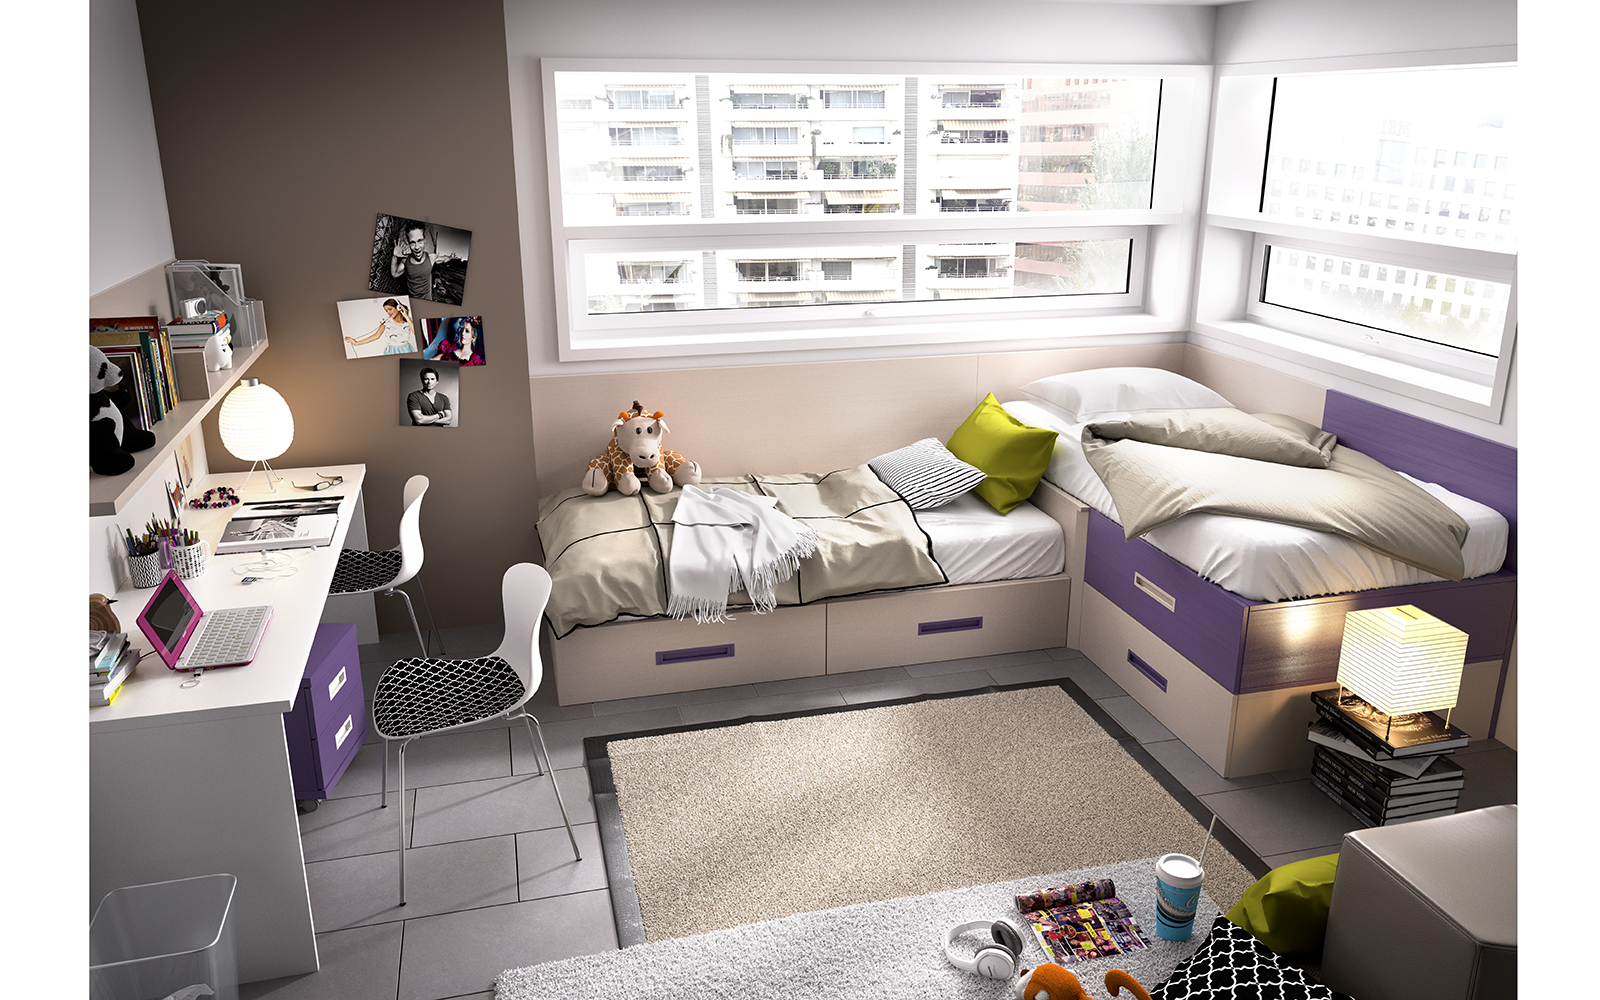 Dormitorios Juveniles Nidos Muebles Ib Ez Tienda De Muebles  ~ Decoraciones Para Habitaciones Juveniles